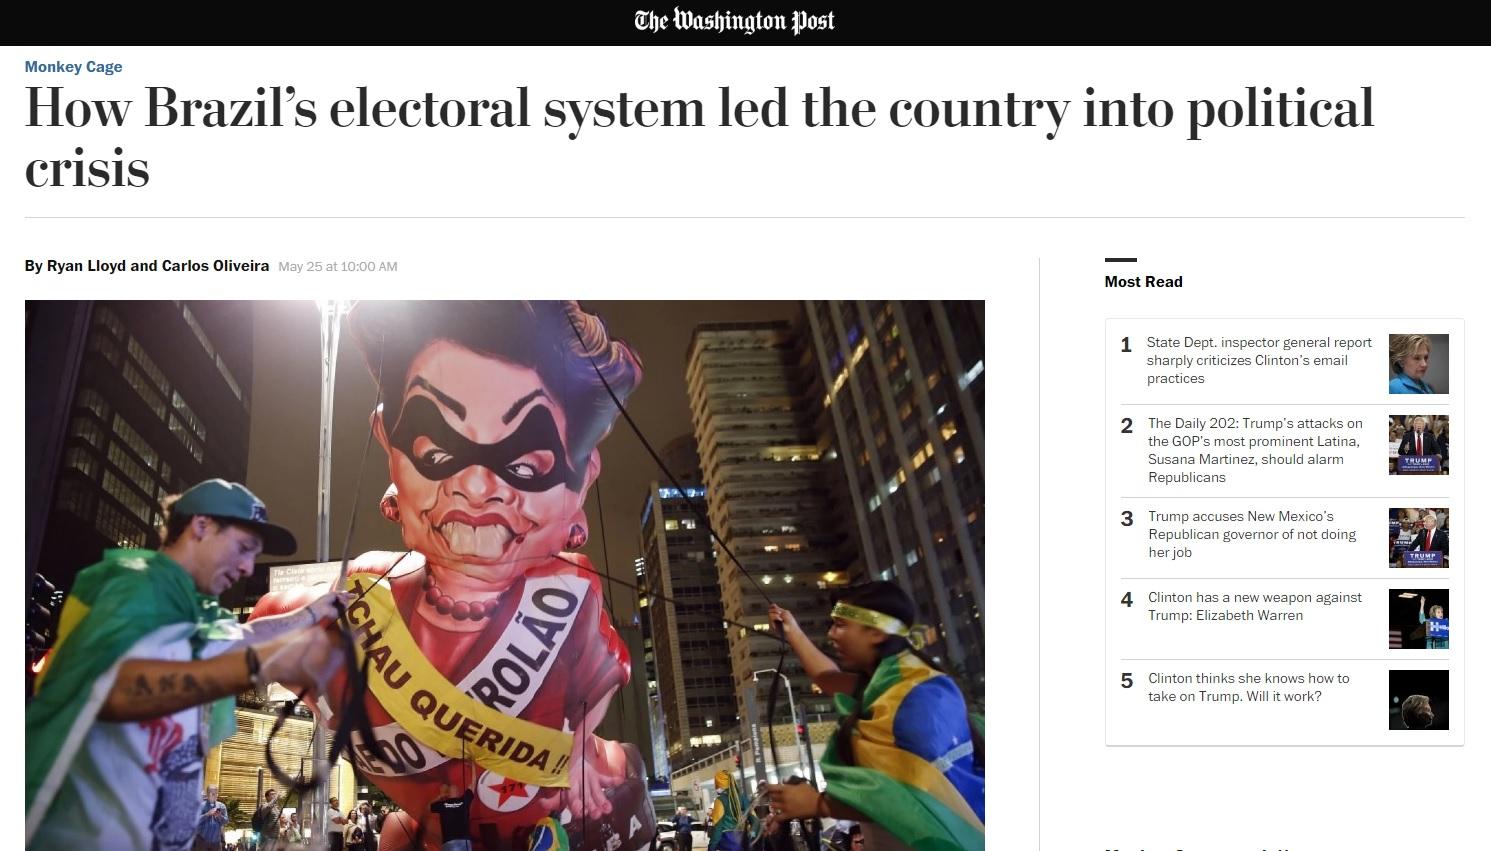 Sistema político é origem da crise vivida no Brasil, diz 'Washington Post'